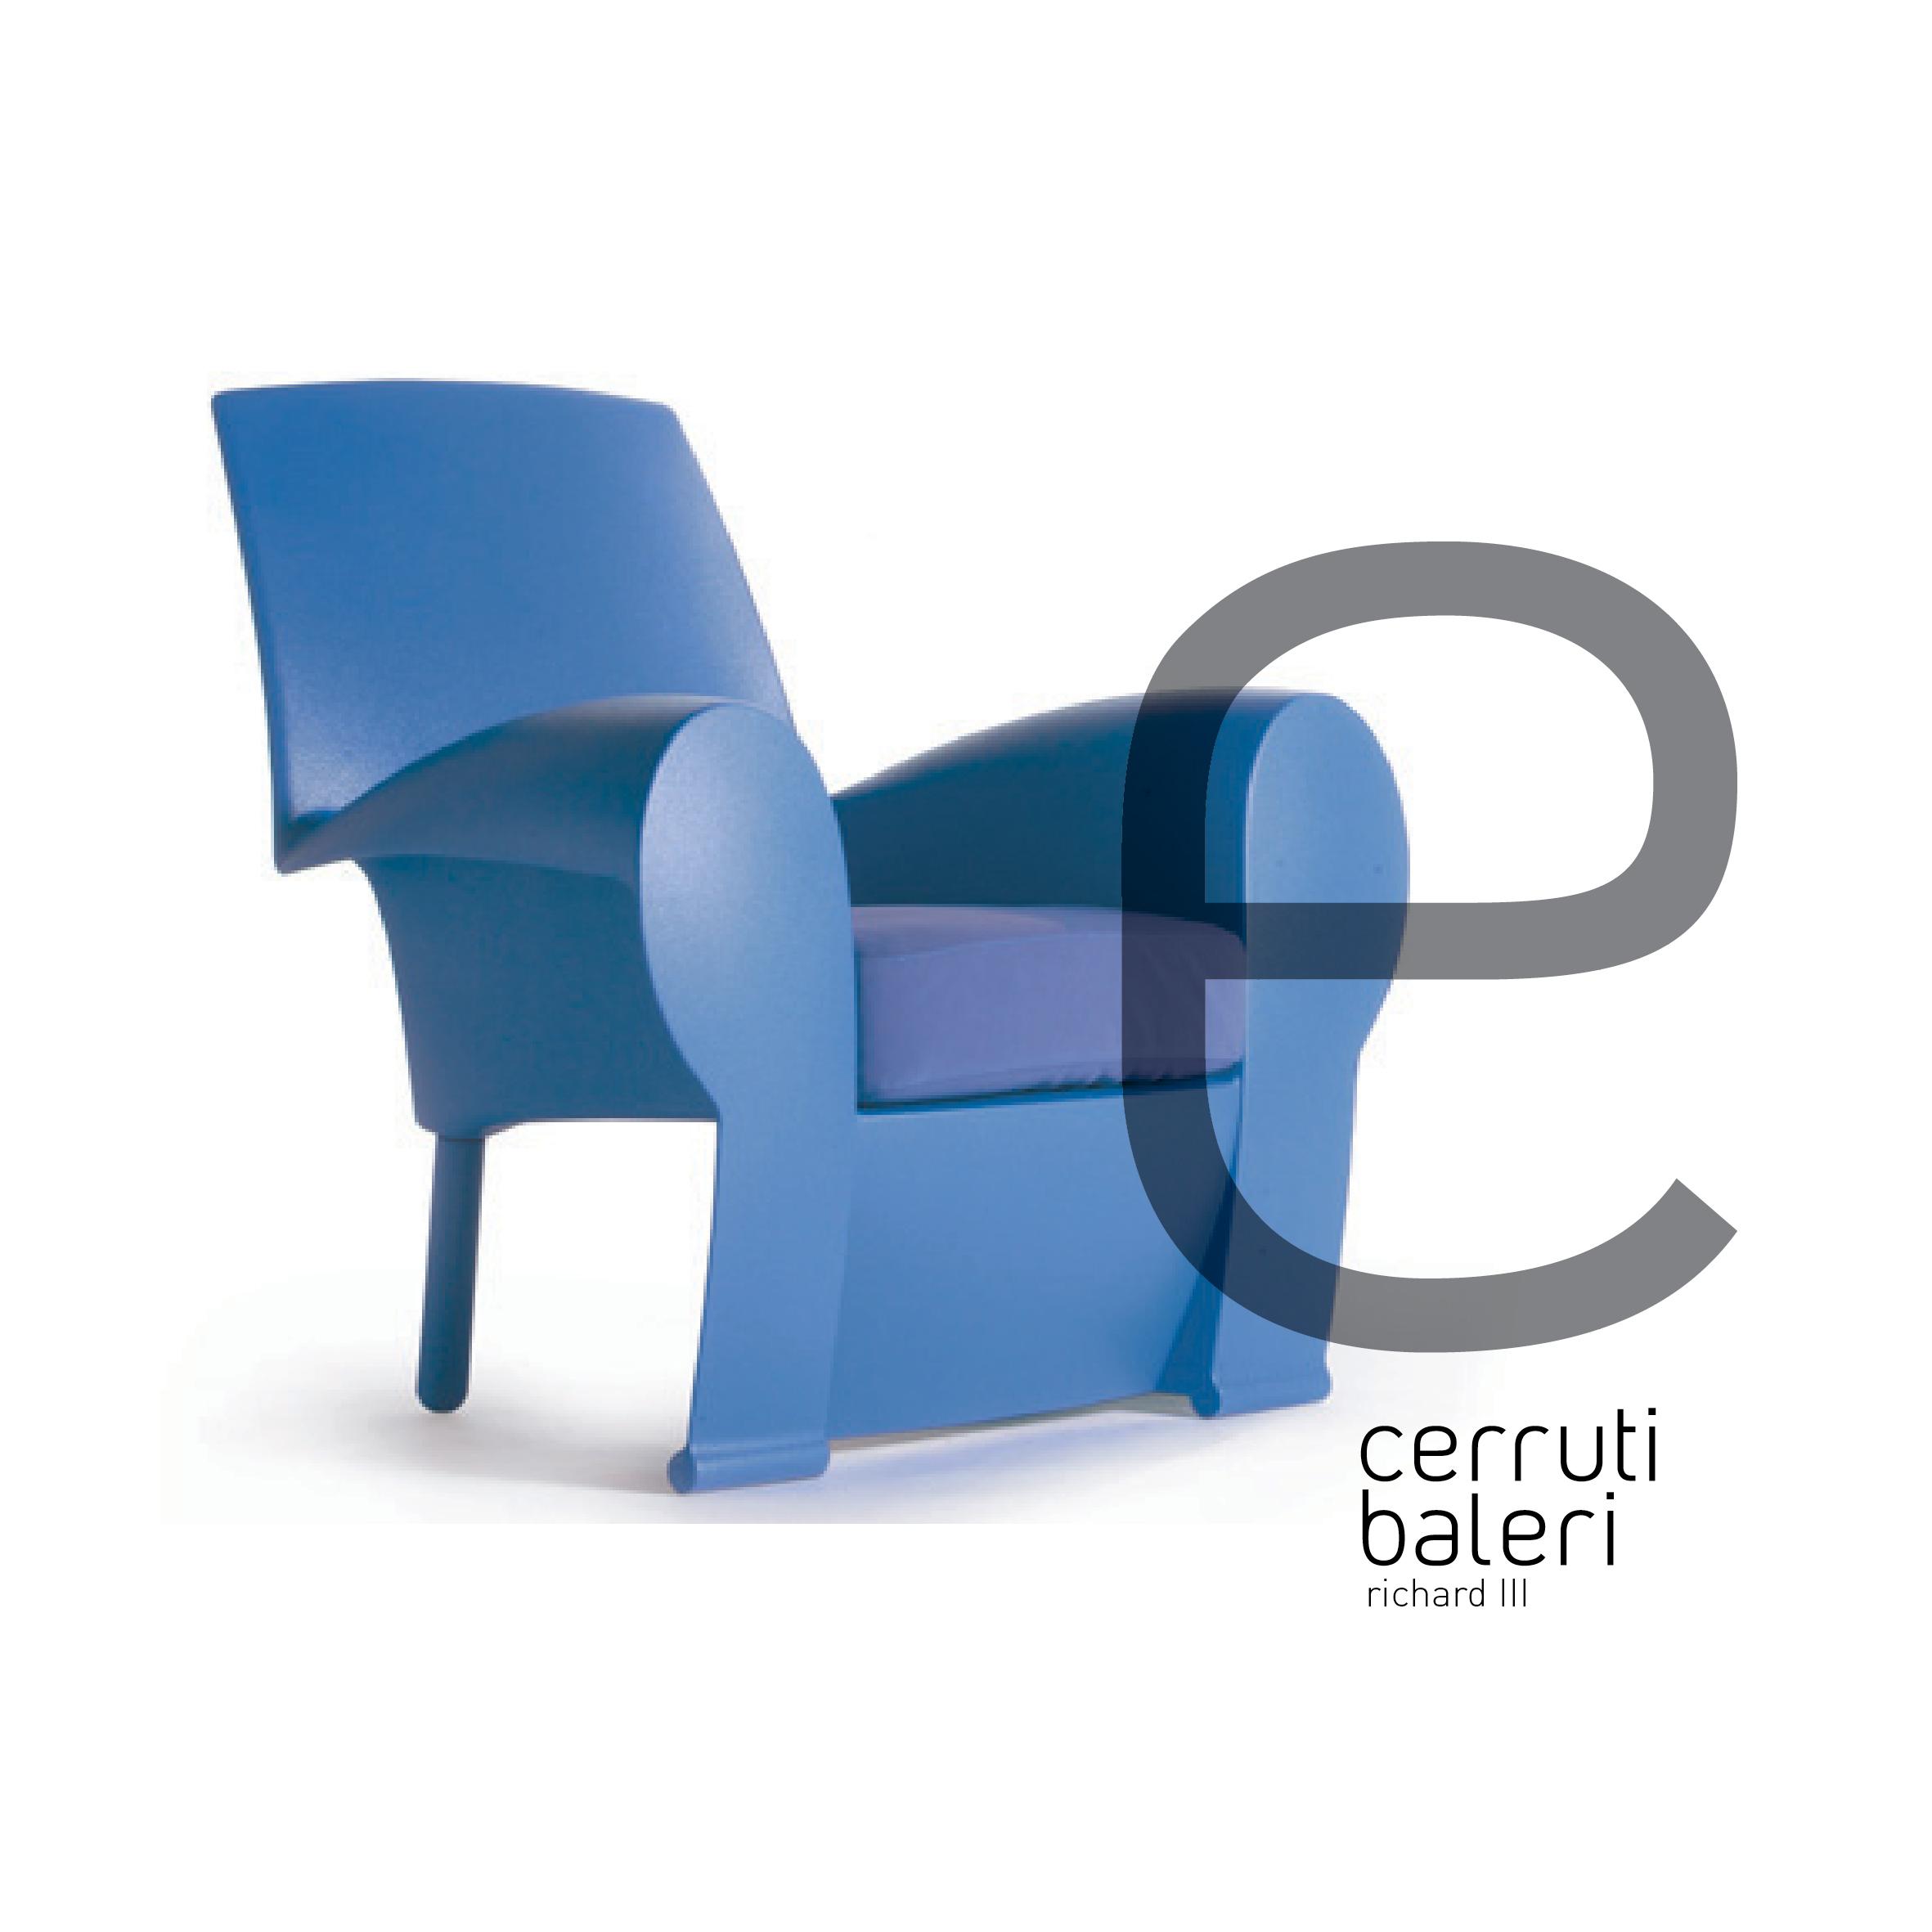 cerrutbaleri_lettere logo-okp3.jpg